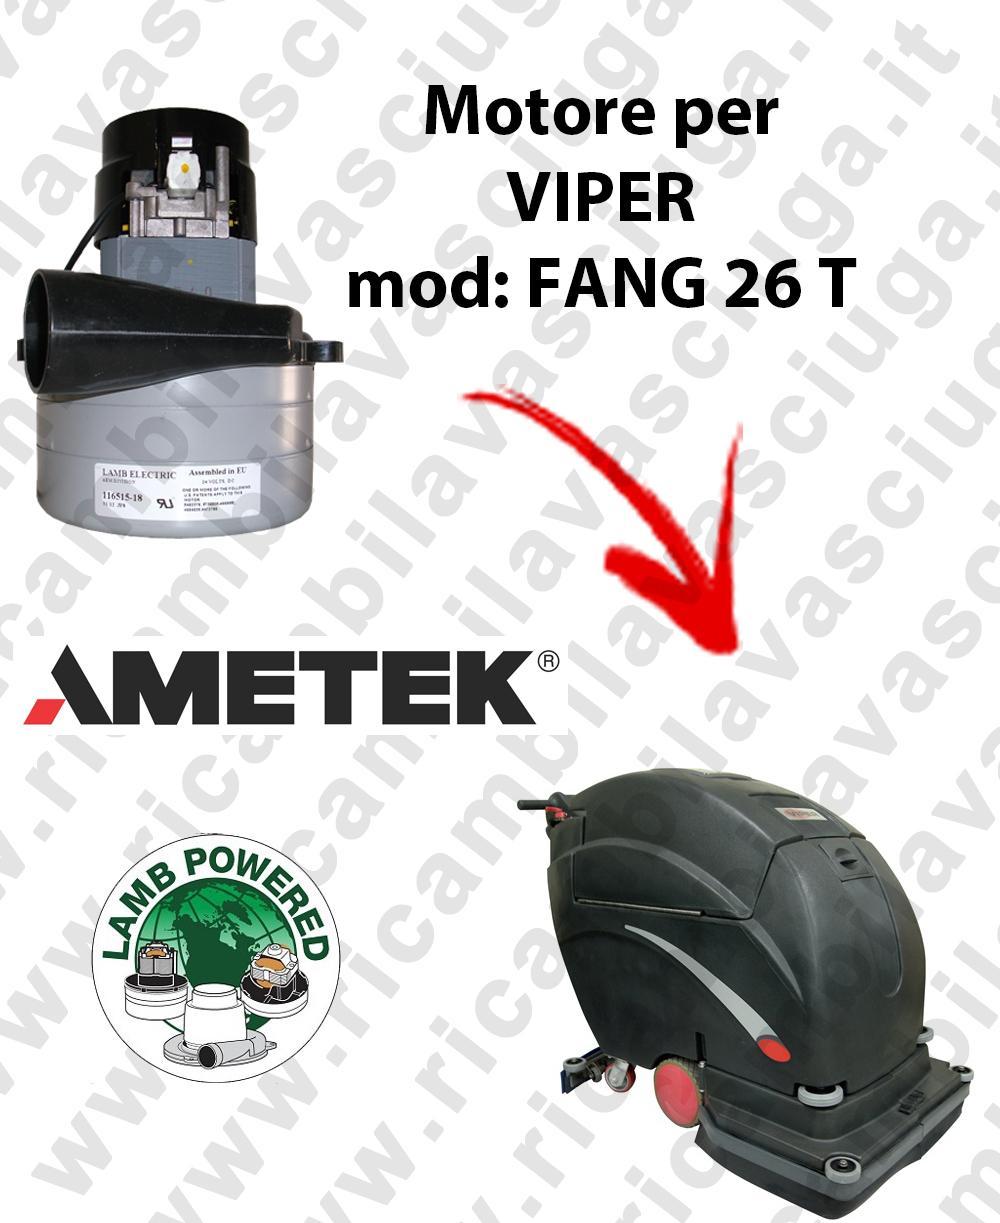 FANG 26 T Saugmotor LAMB AMETEK für scheuersaugmaschinen VIPER